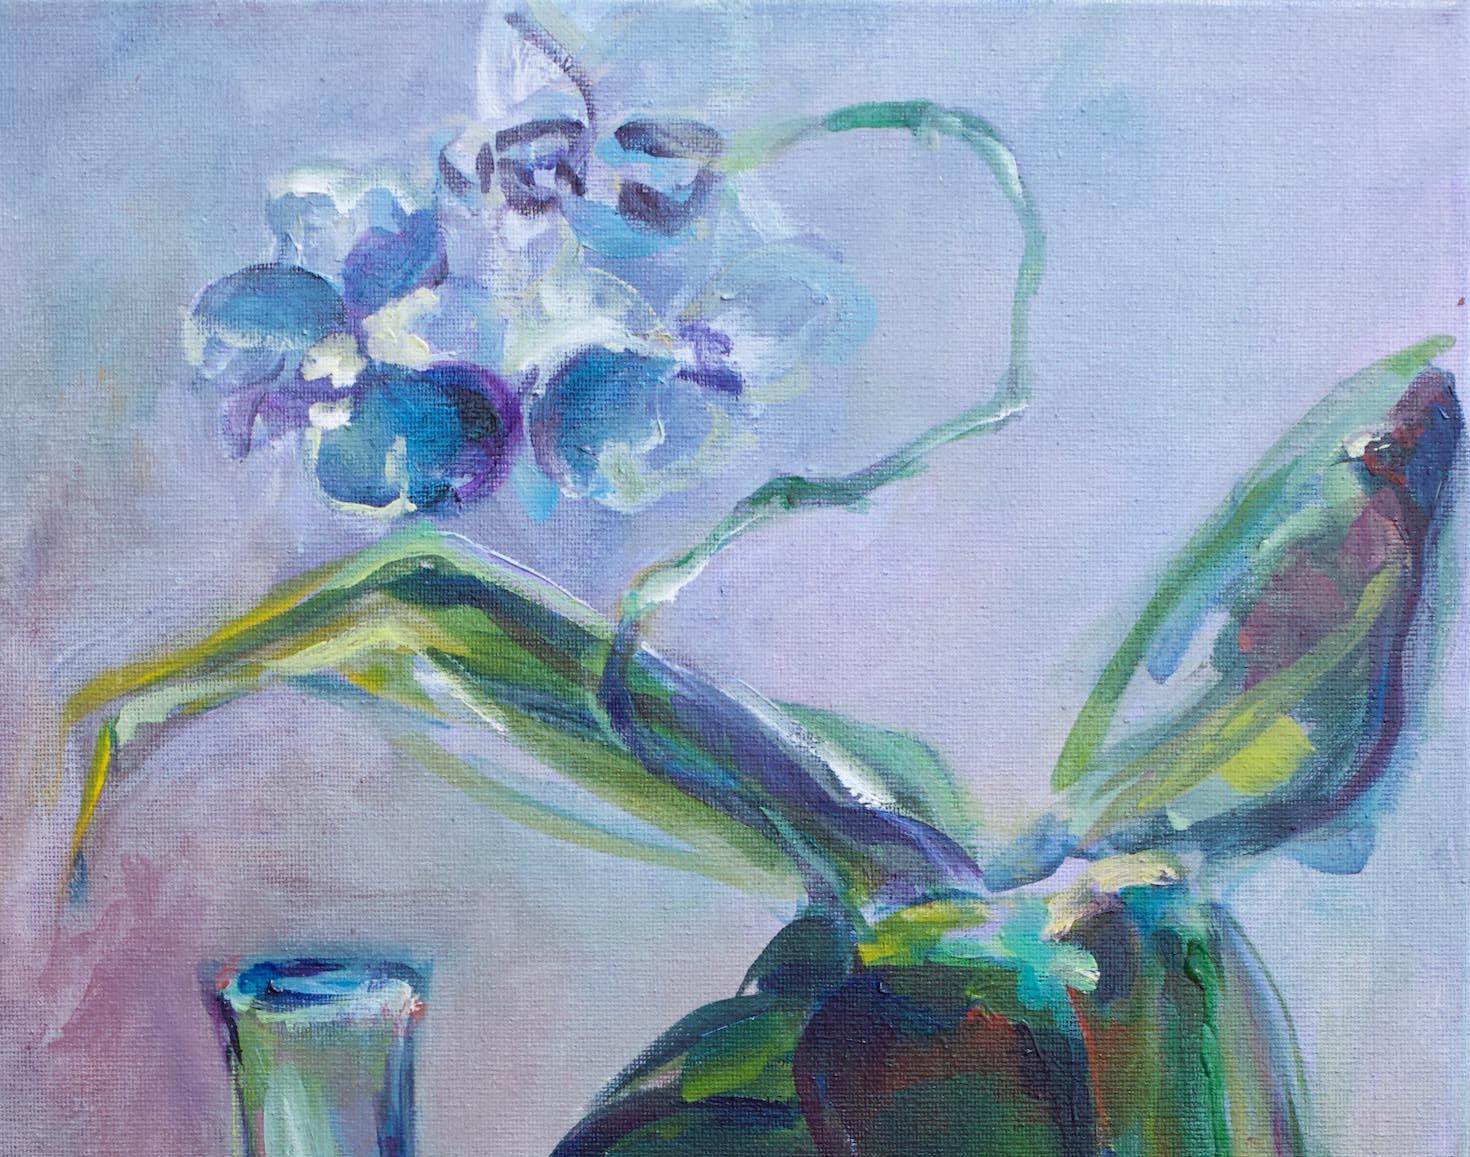 christel-legisa-travail-peinture-huile-1.jpg